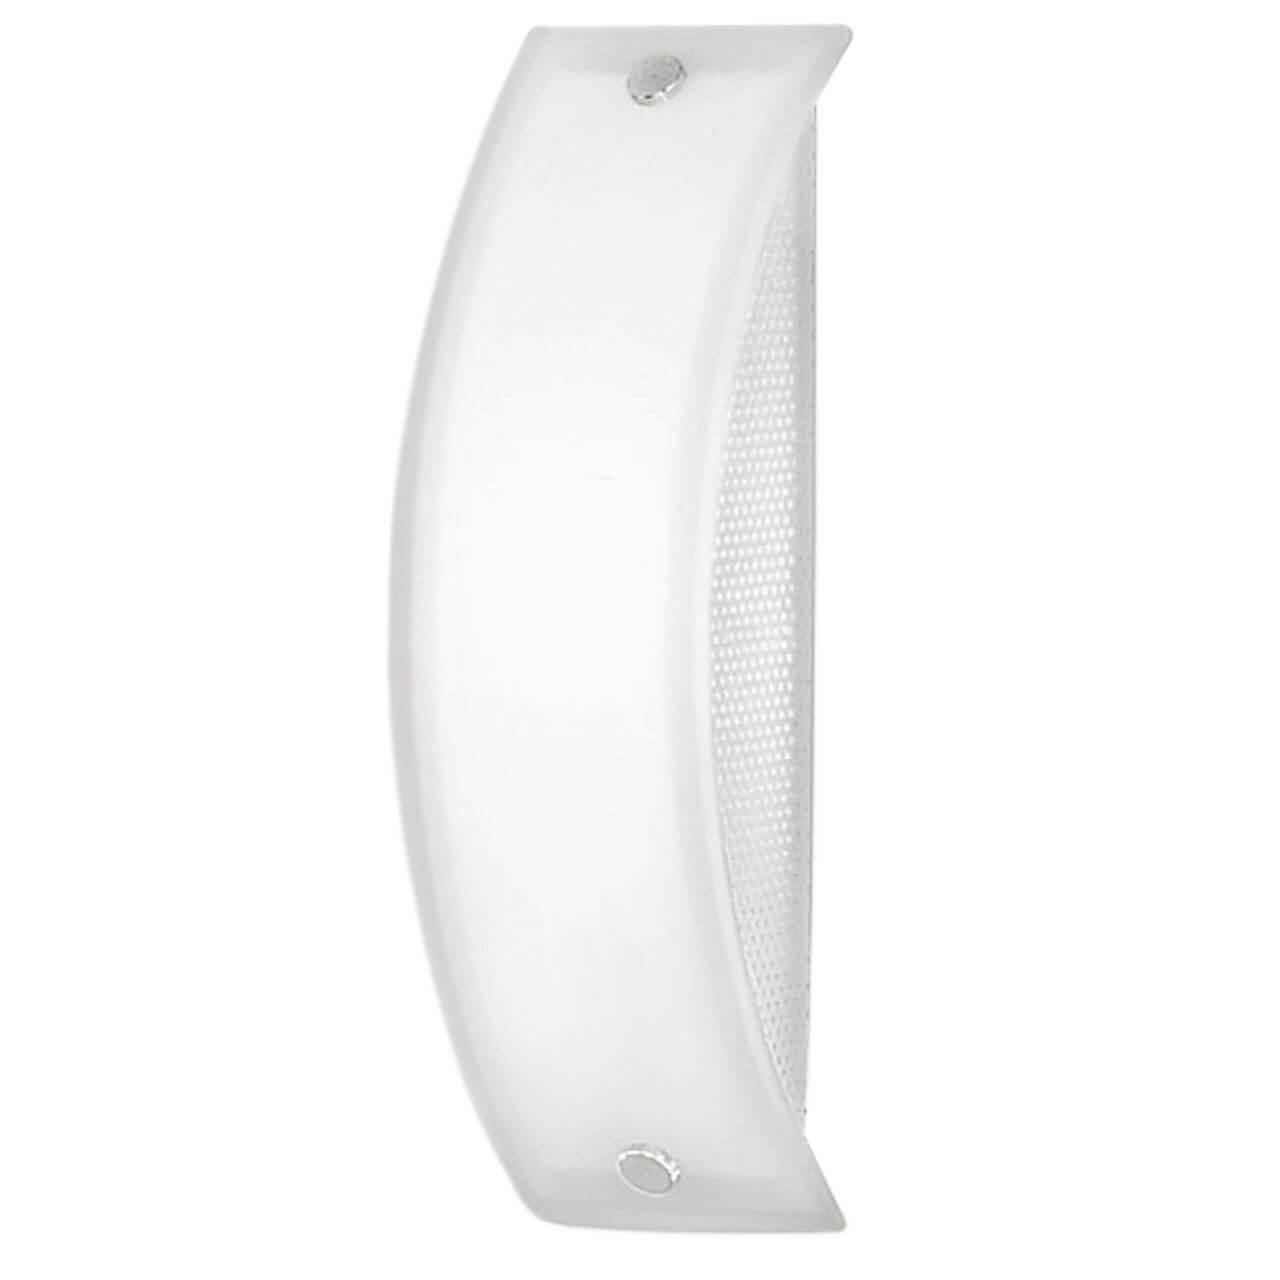 Настенный светильник Eglo 80282, E14, 60 Вт цена